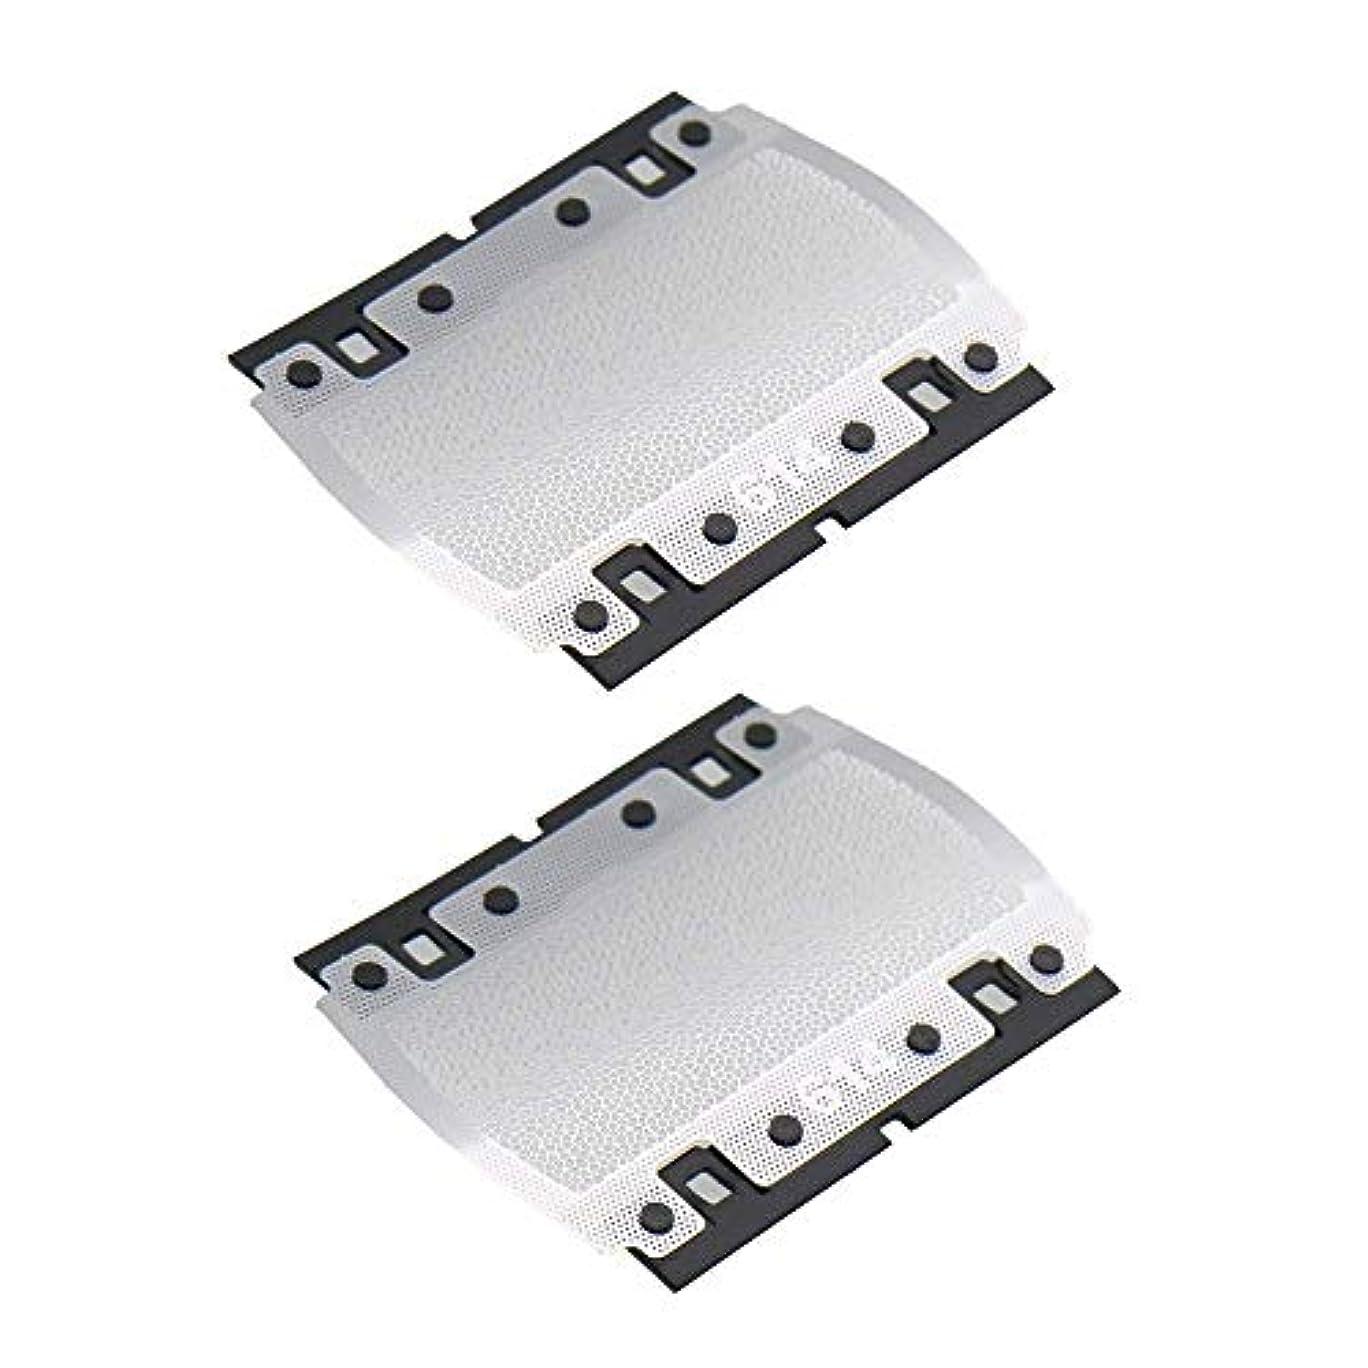 押し下げる決定するごめんなさいVWONST 614 Shaver Foil Screen For Braun PocketGo Pocket Twist E-Razor 614 350 355 370 375 5614 5615 P10 Shaver...